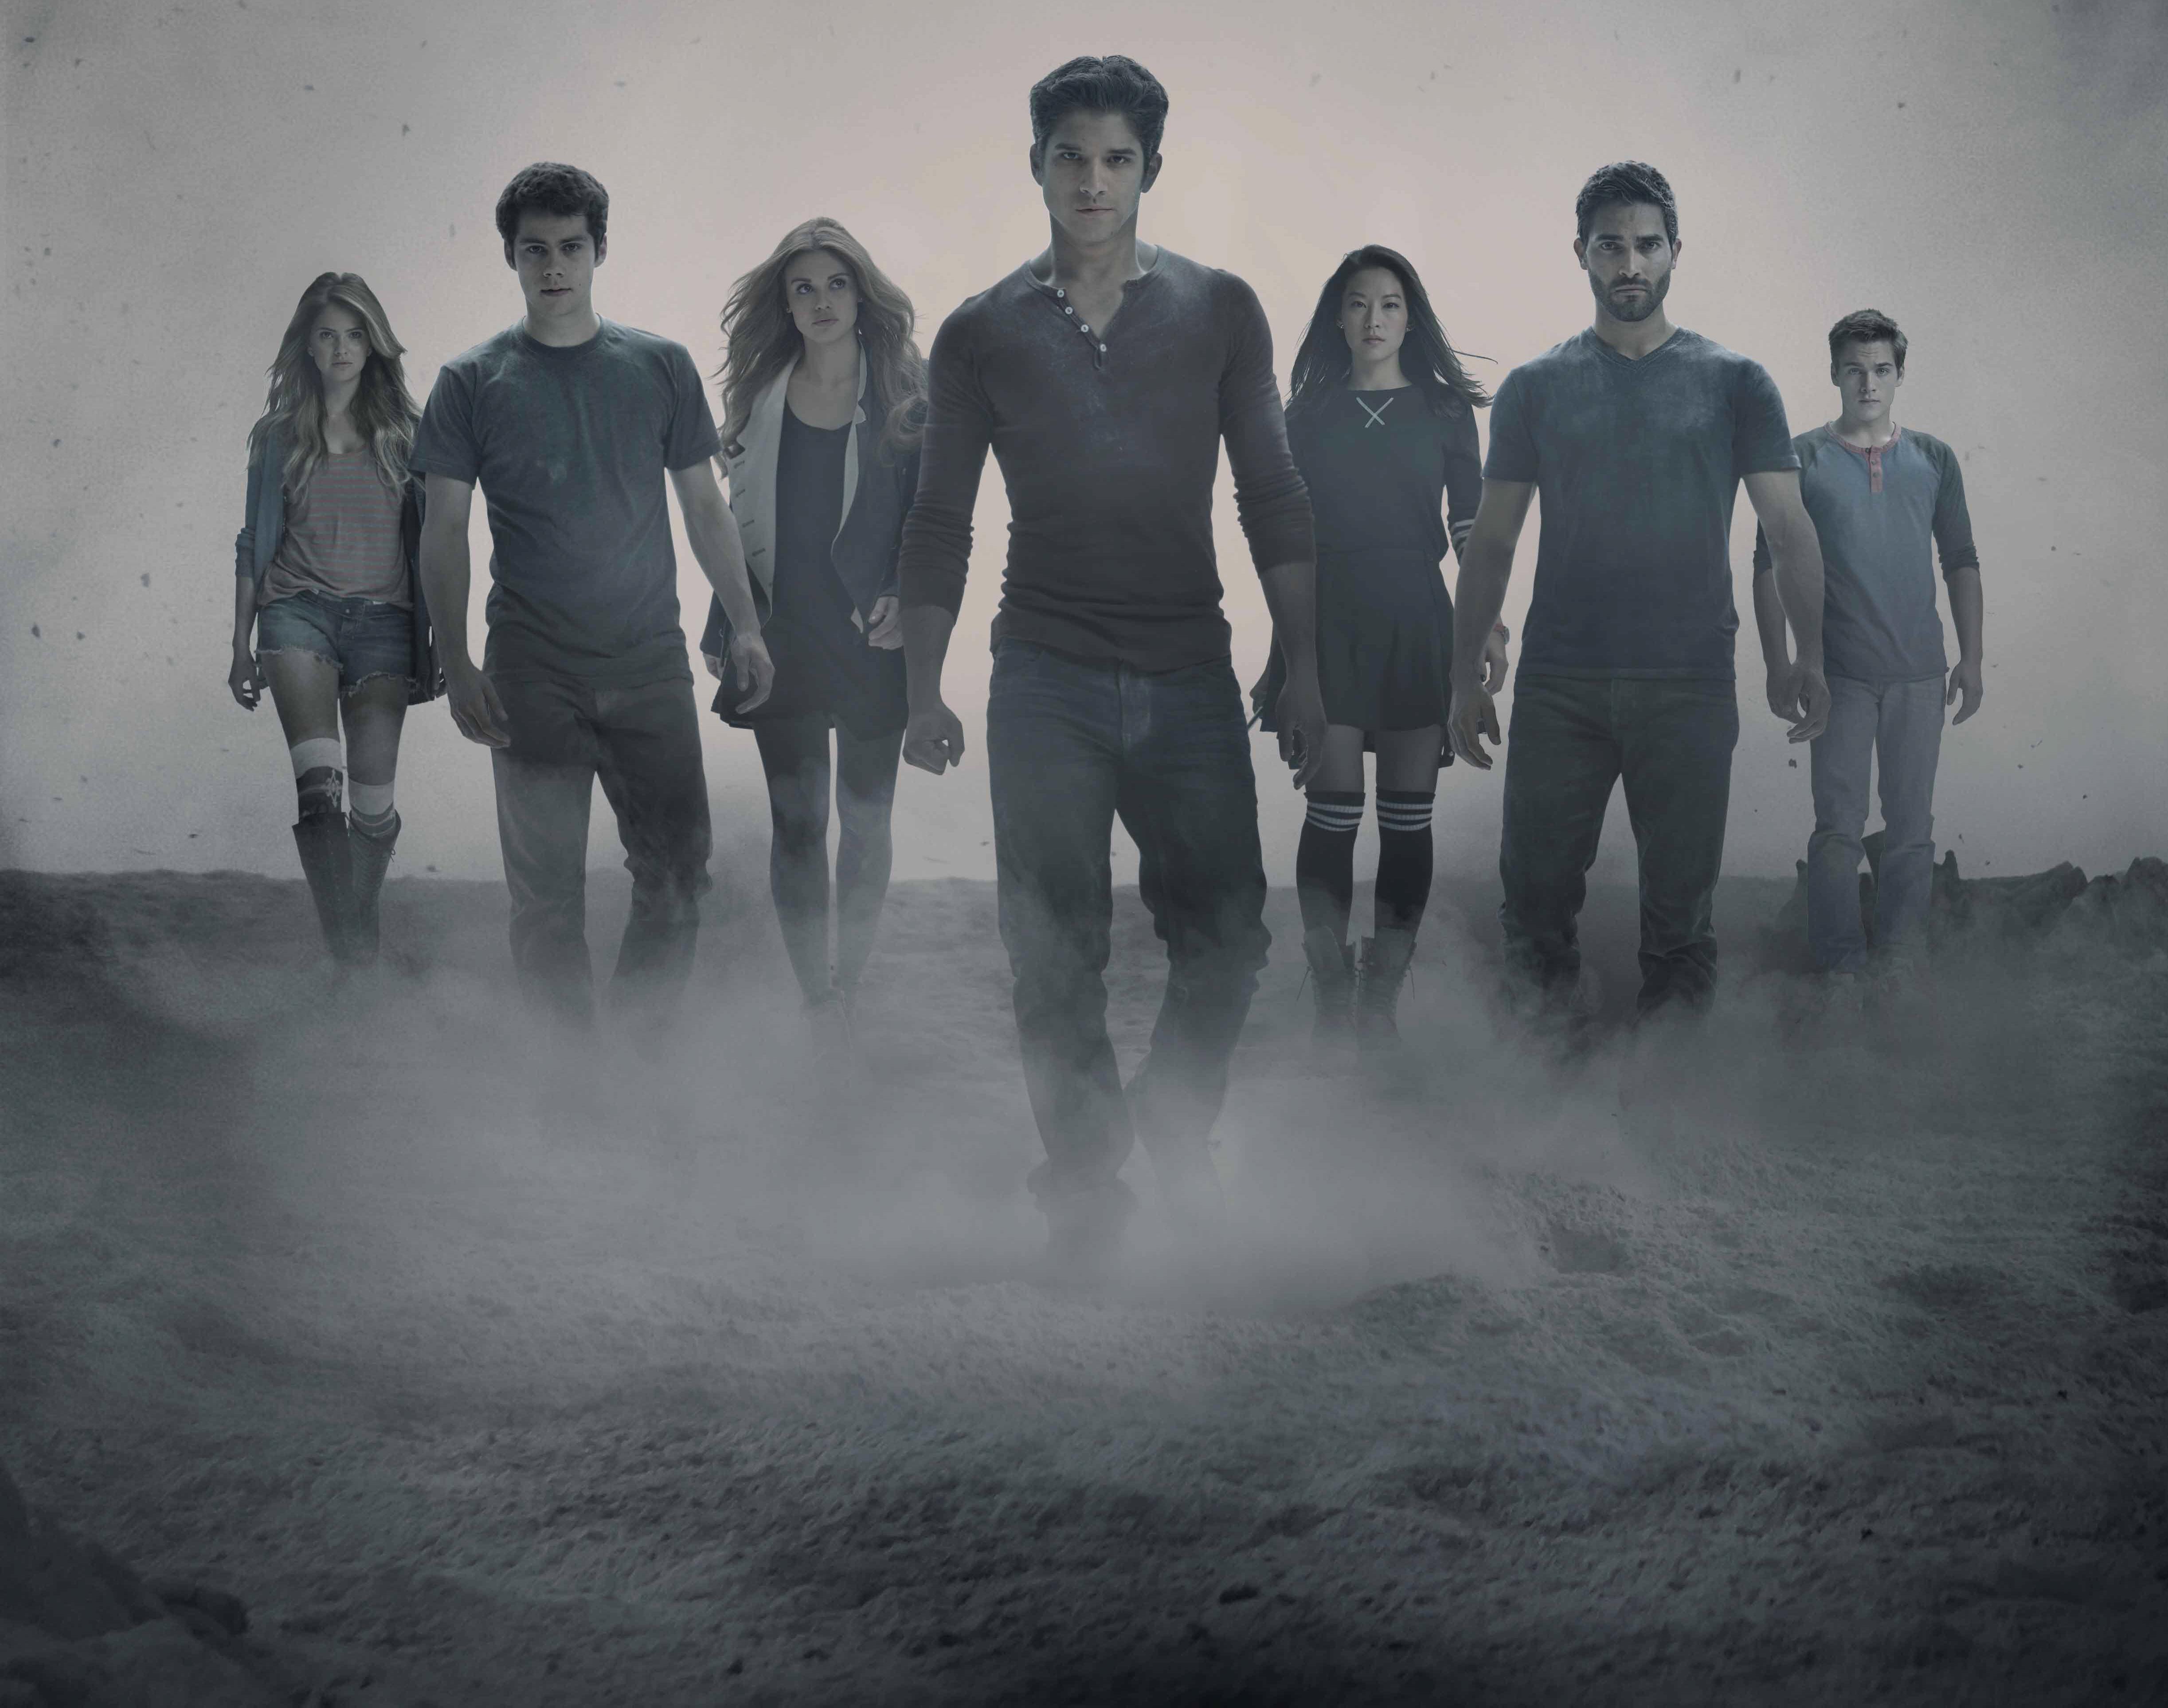 mtv teen wolf full episodes